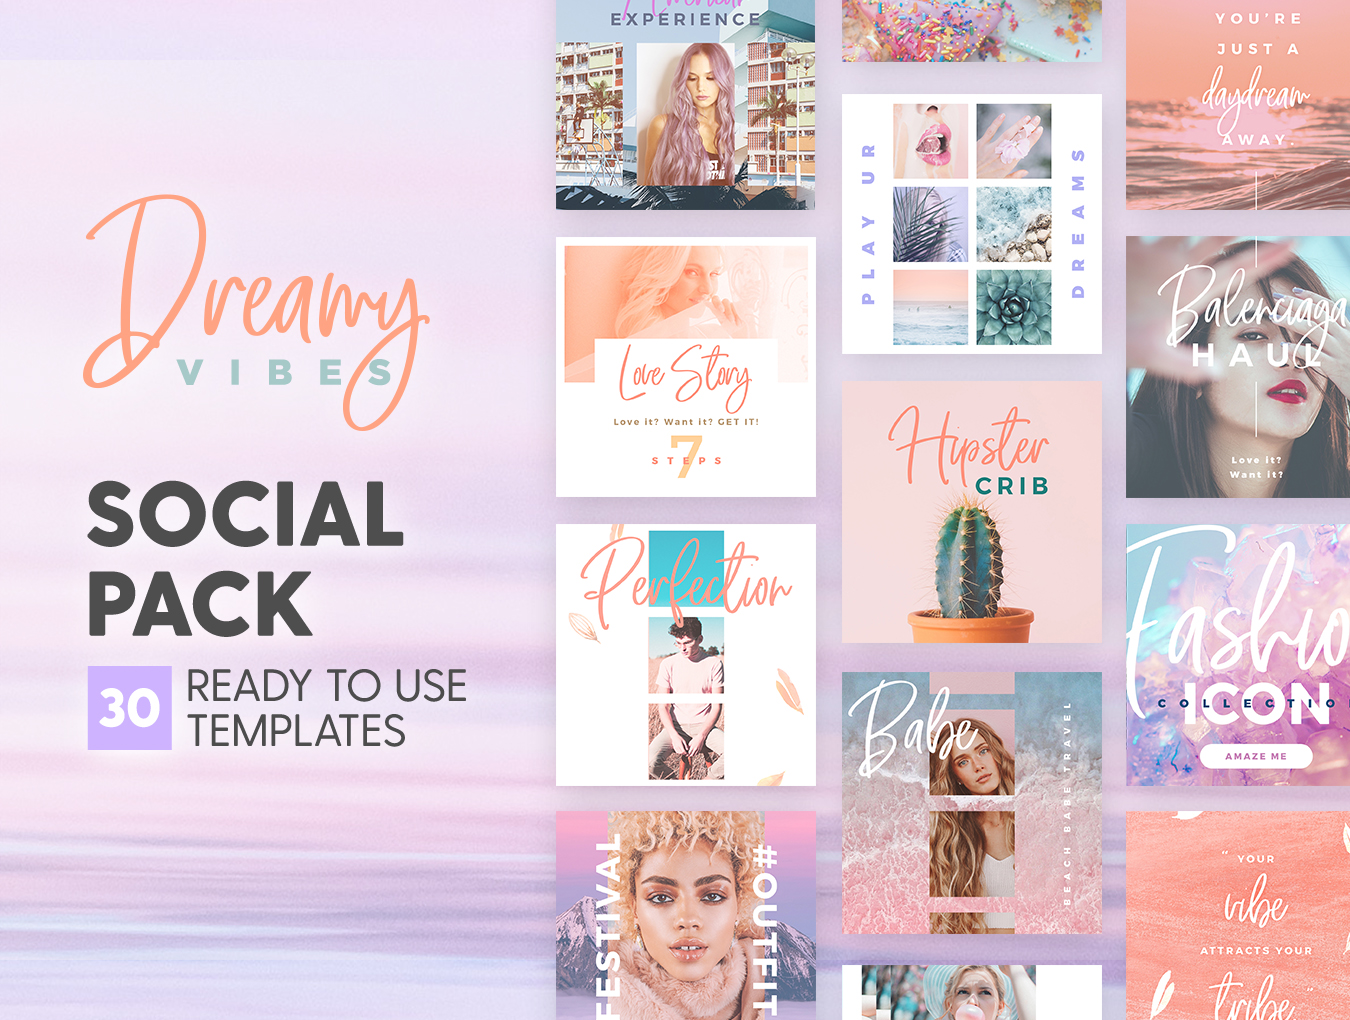 梦幻产品市场营销品牌故事Instagram社交设计素材 Dreamy Vibes Social Pack插图